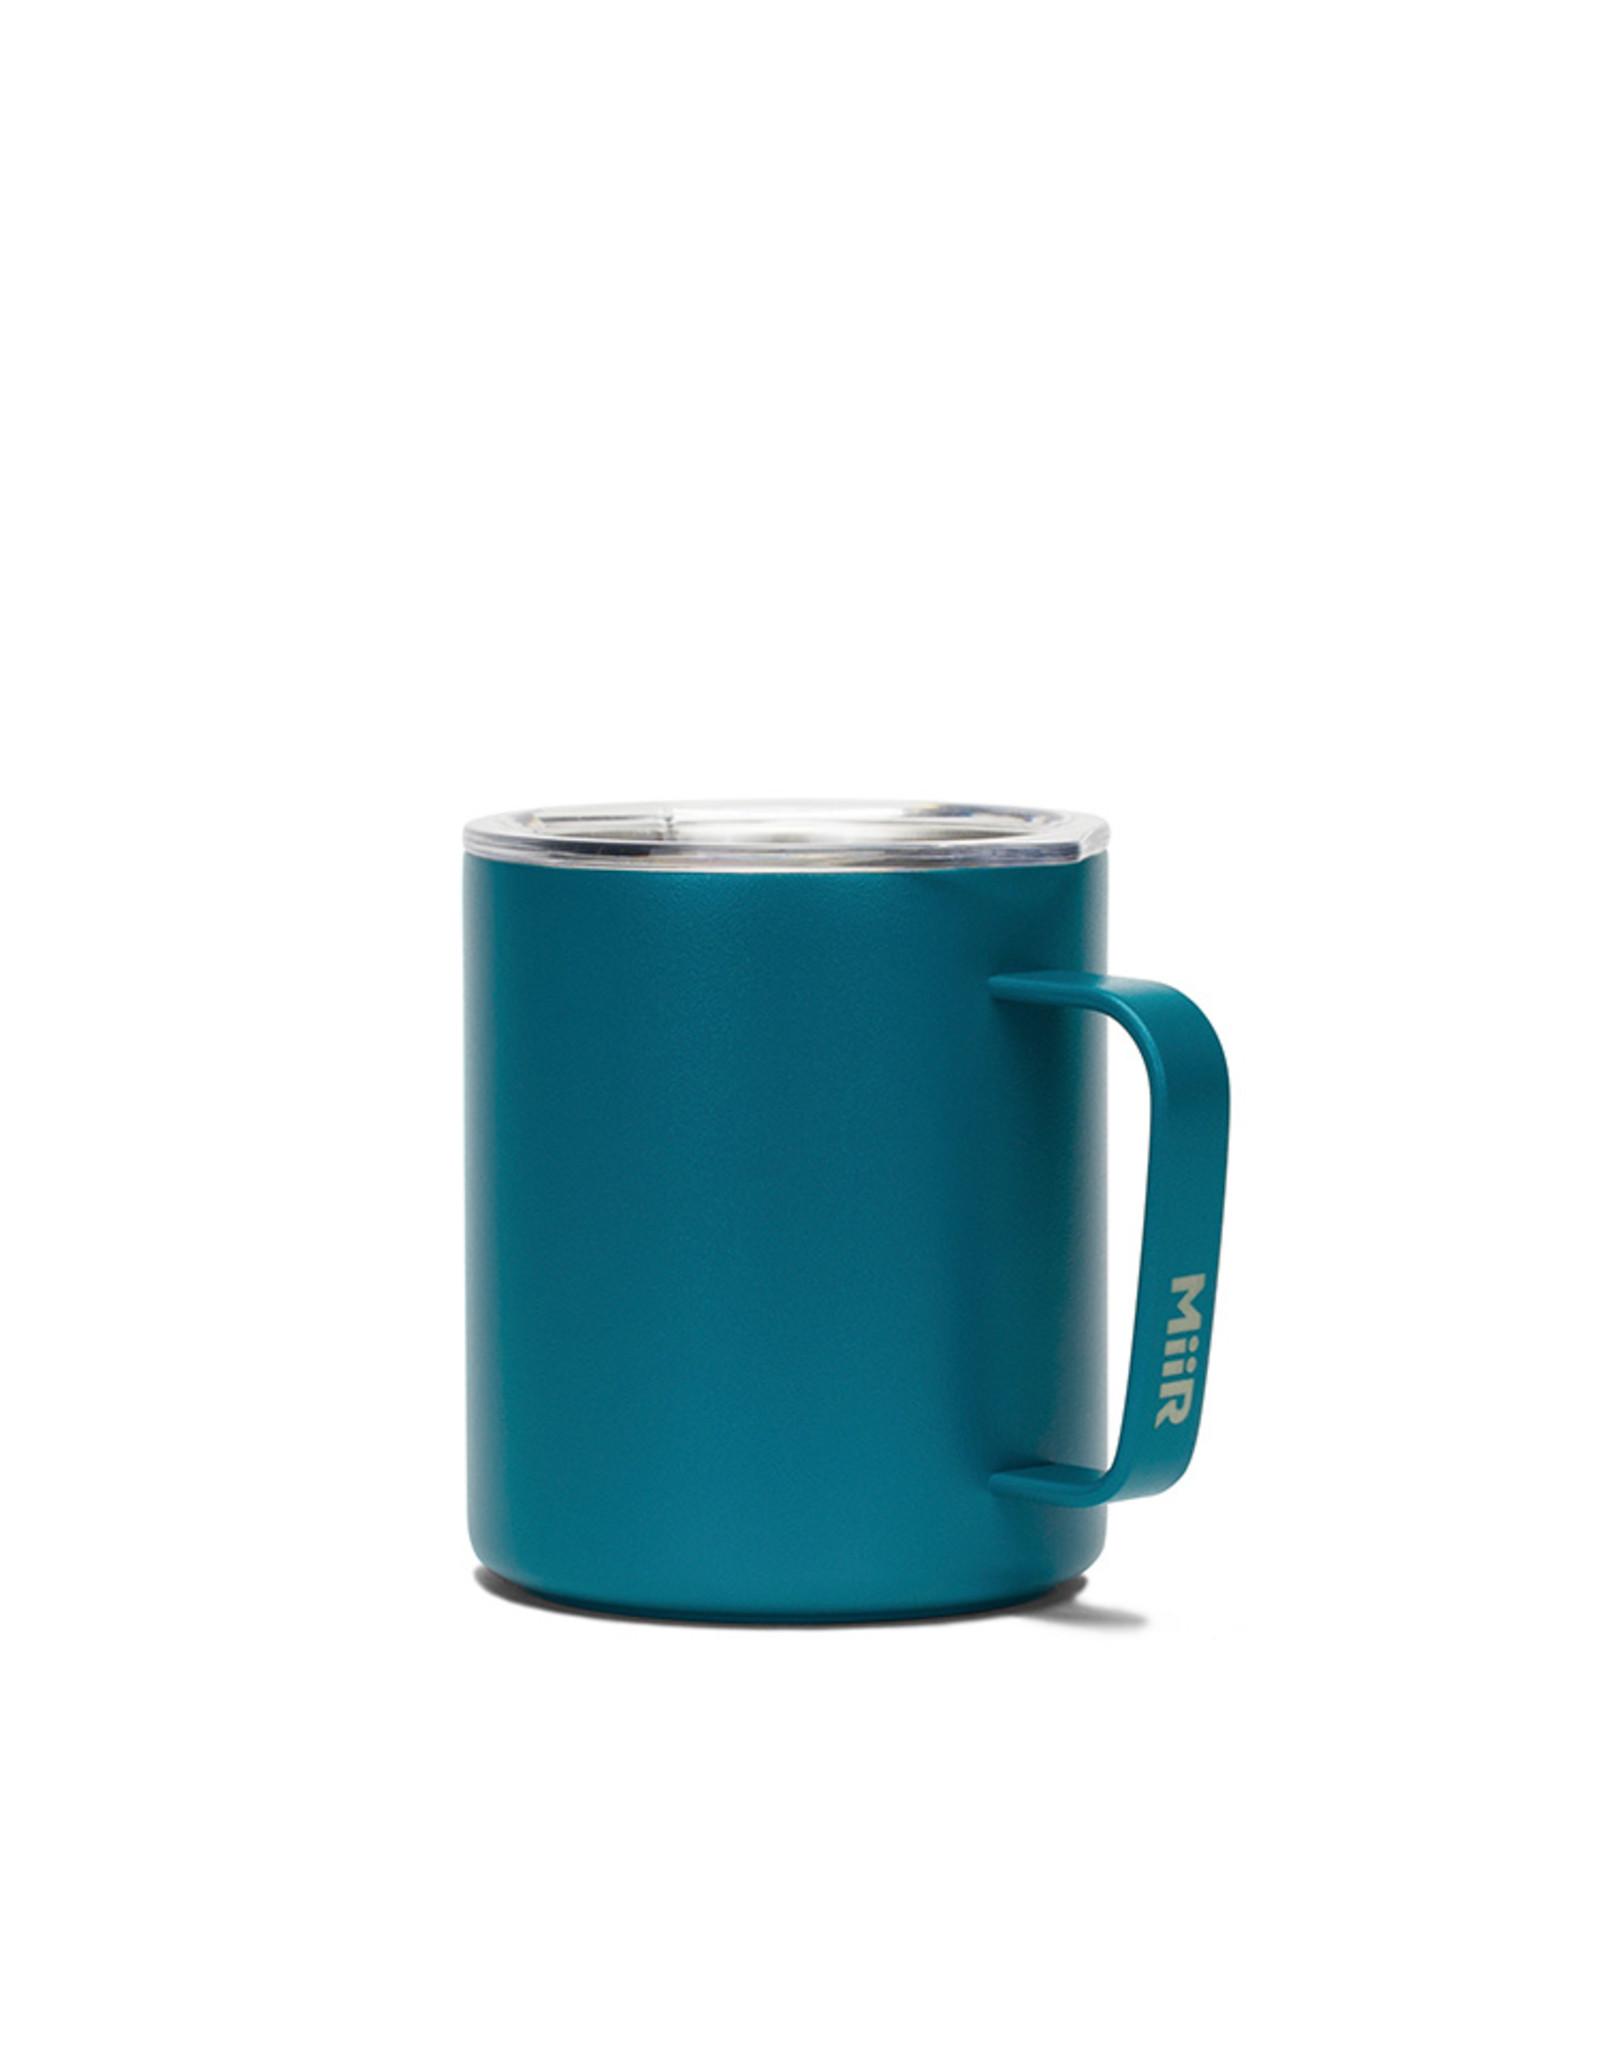 MiiR 355ml Camp Cup